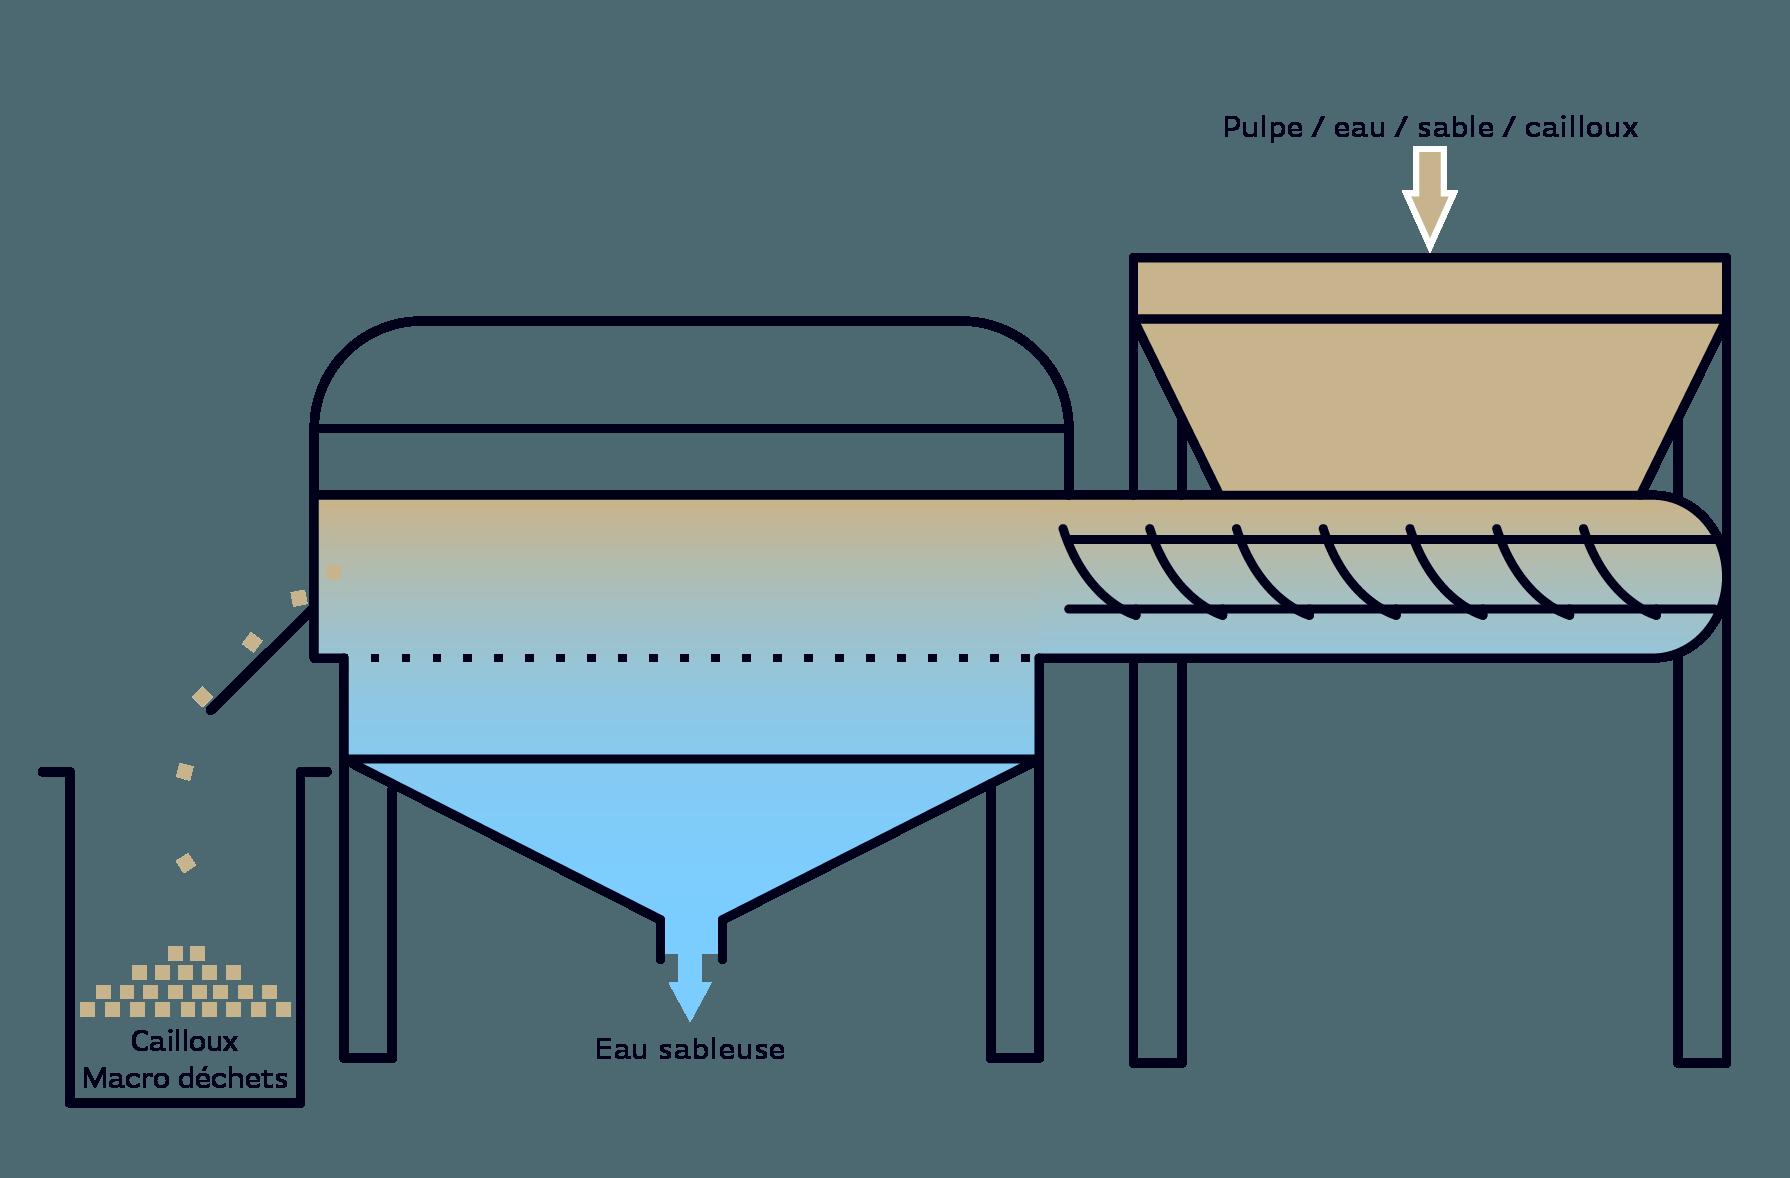 Serinol solutions et equipement de traitement des eaux schema principe equipement unite de depotage pack curage